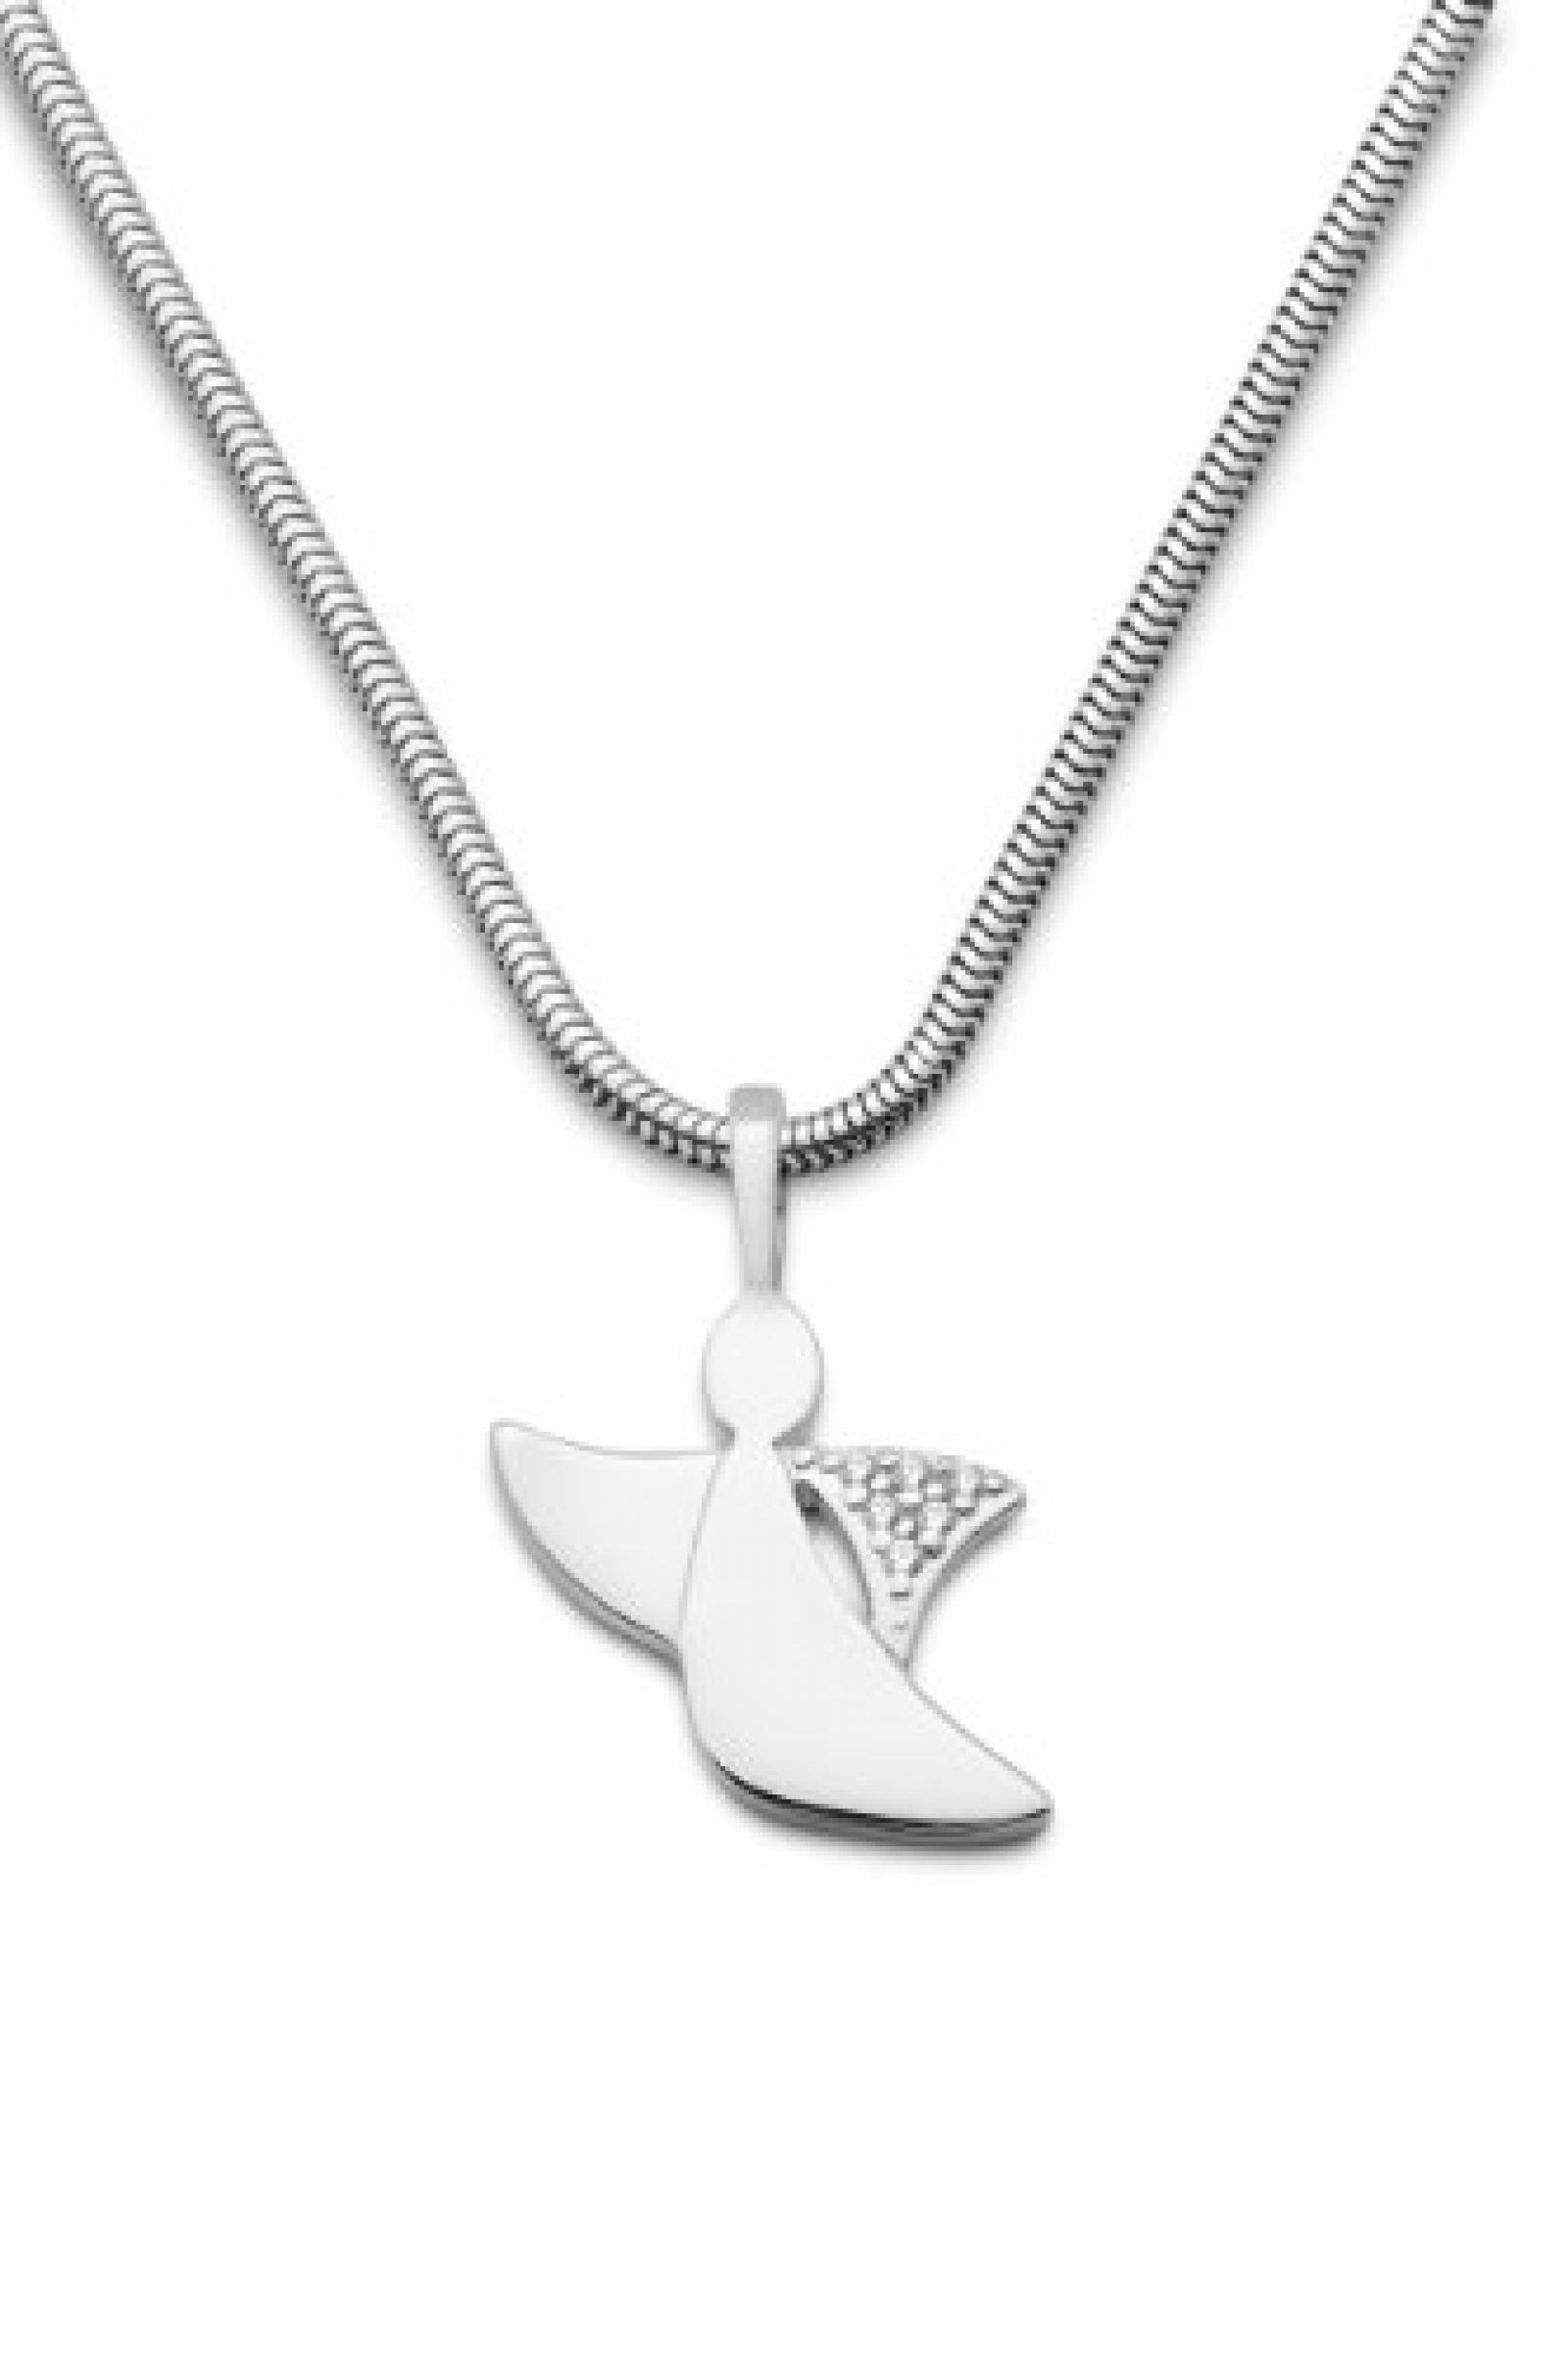 Miore Damen-Halskette Schutzengel 925 Sterling Silber 6 Zirkonia farblos 45 cm MSM148N